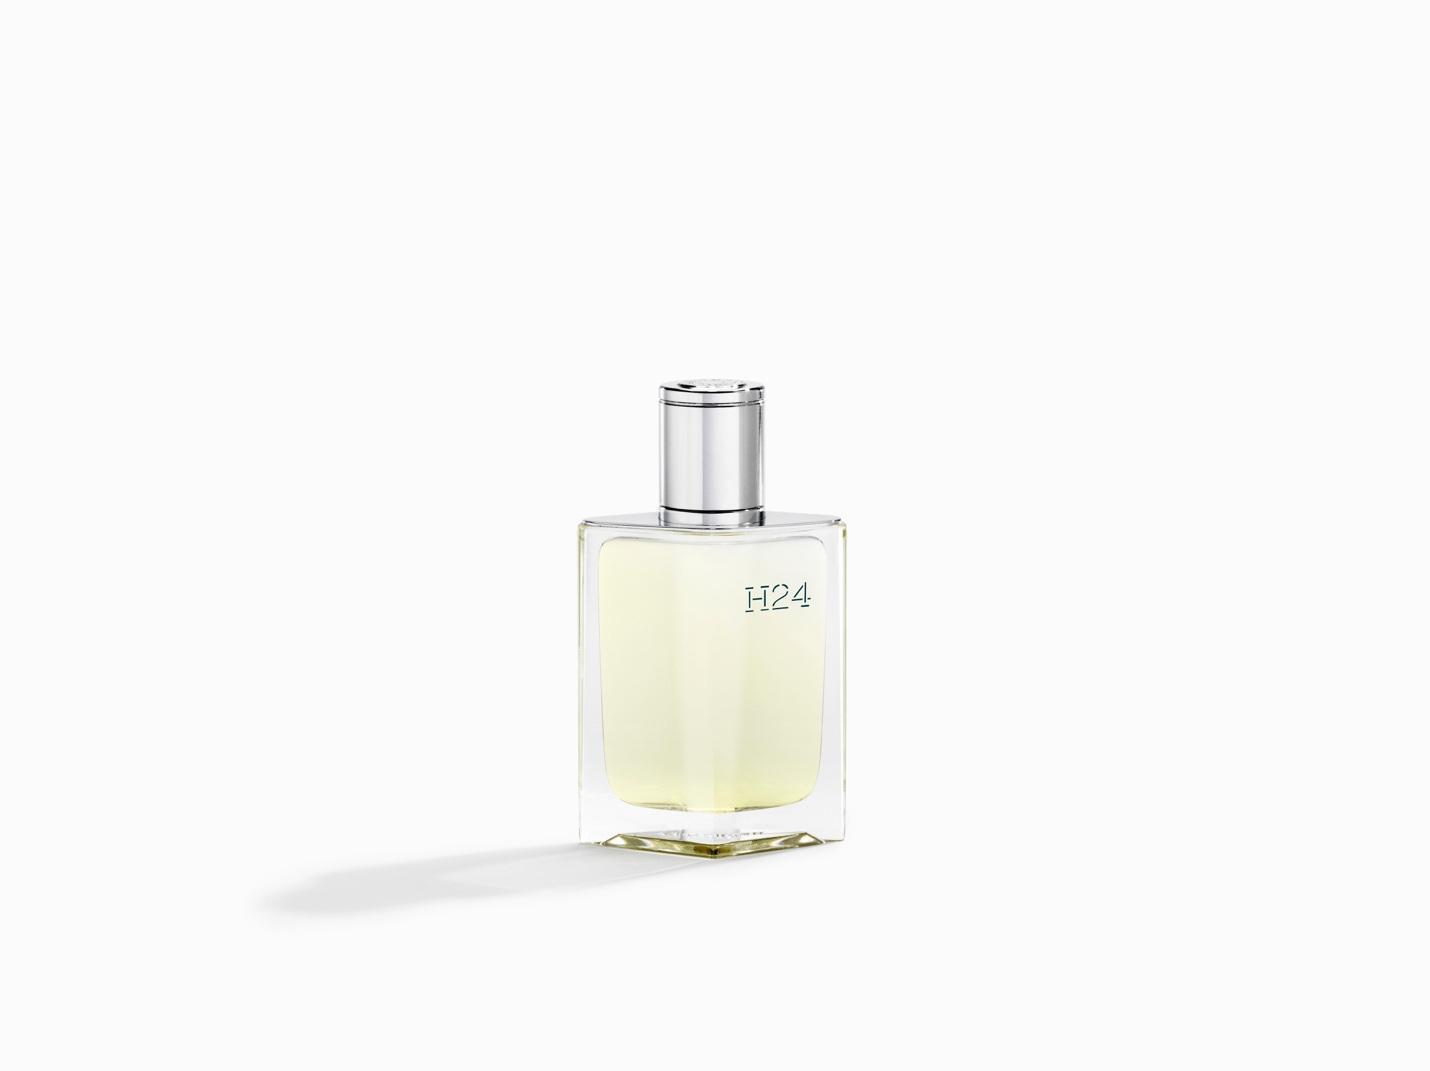 """Mùi hương mới từ Hermès: Sau Terre d'Hermès, đây sẽ là """"tượng đài"""" mới của các chàng trai cá tính - Ảnh 3."""